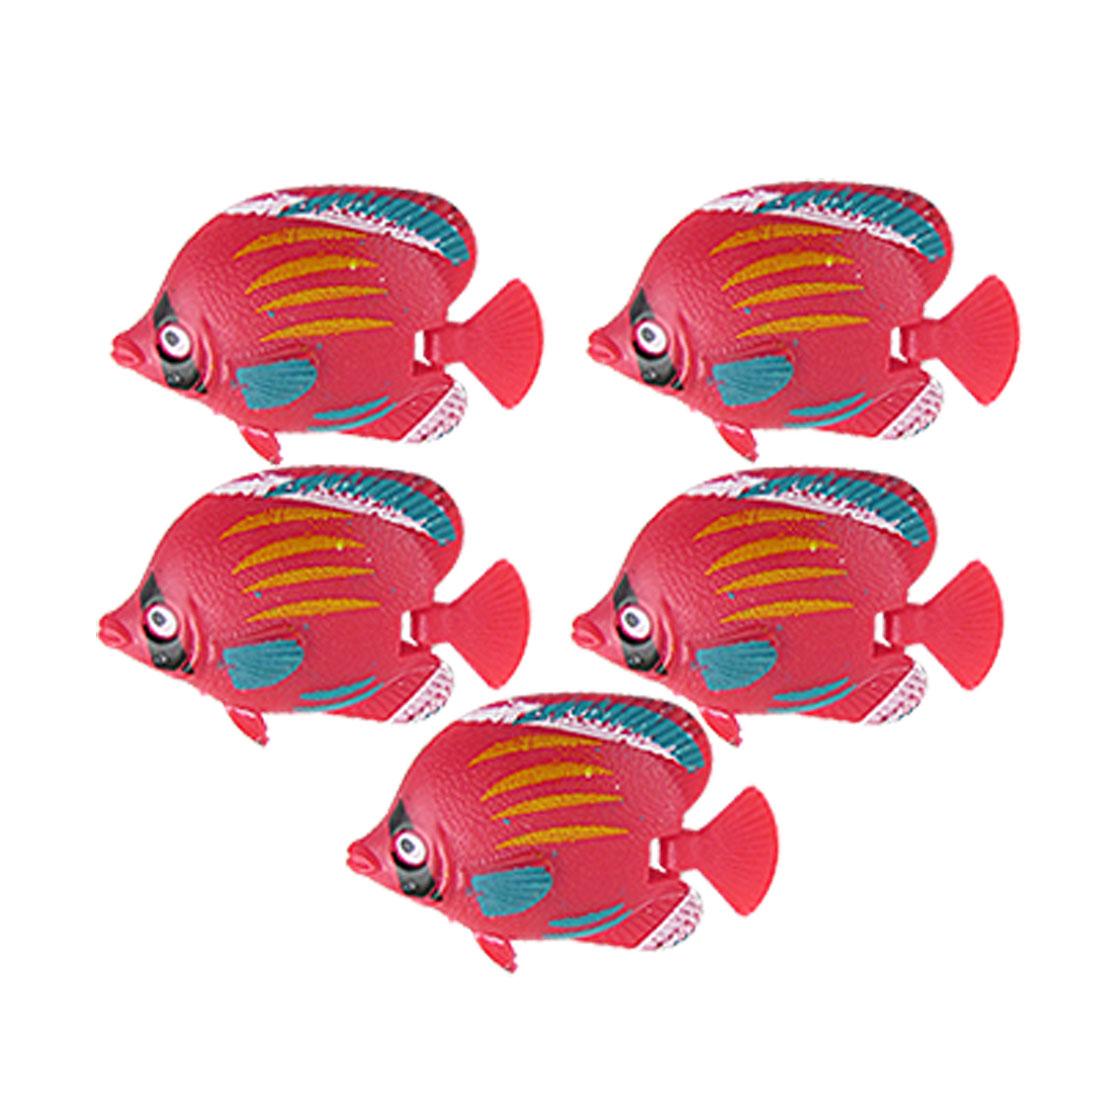 5 PCS Mini Red Plastic Tropical Fish Aquarium Floating Ornament Decor